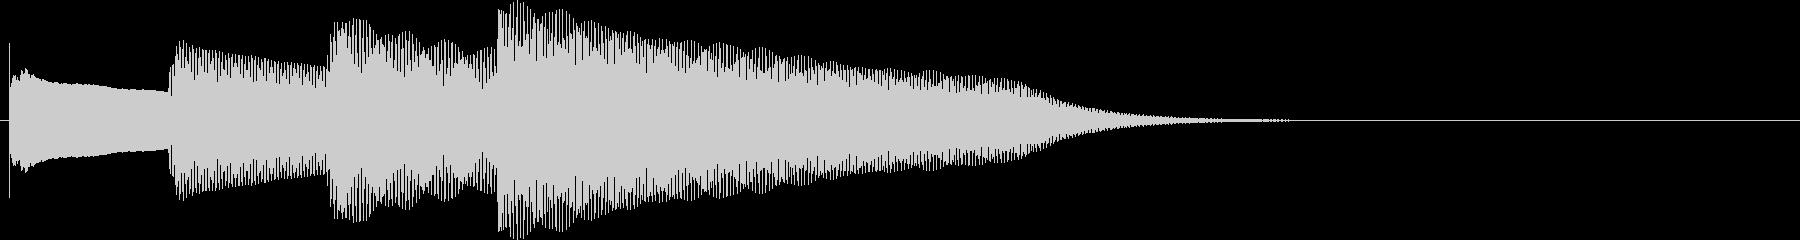 ピンポンパンポン呼び出し時の上向形。鉄琴の未再生の波形